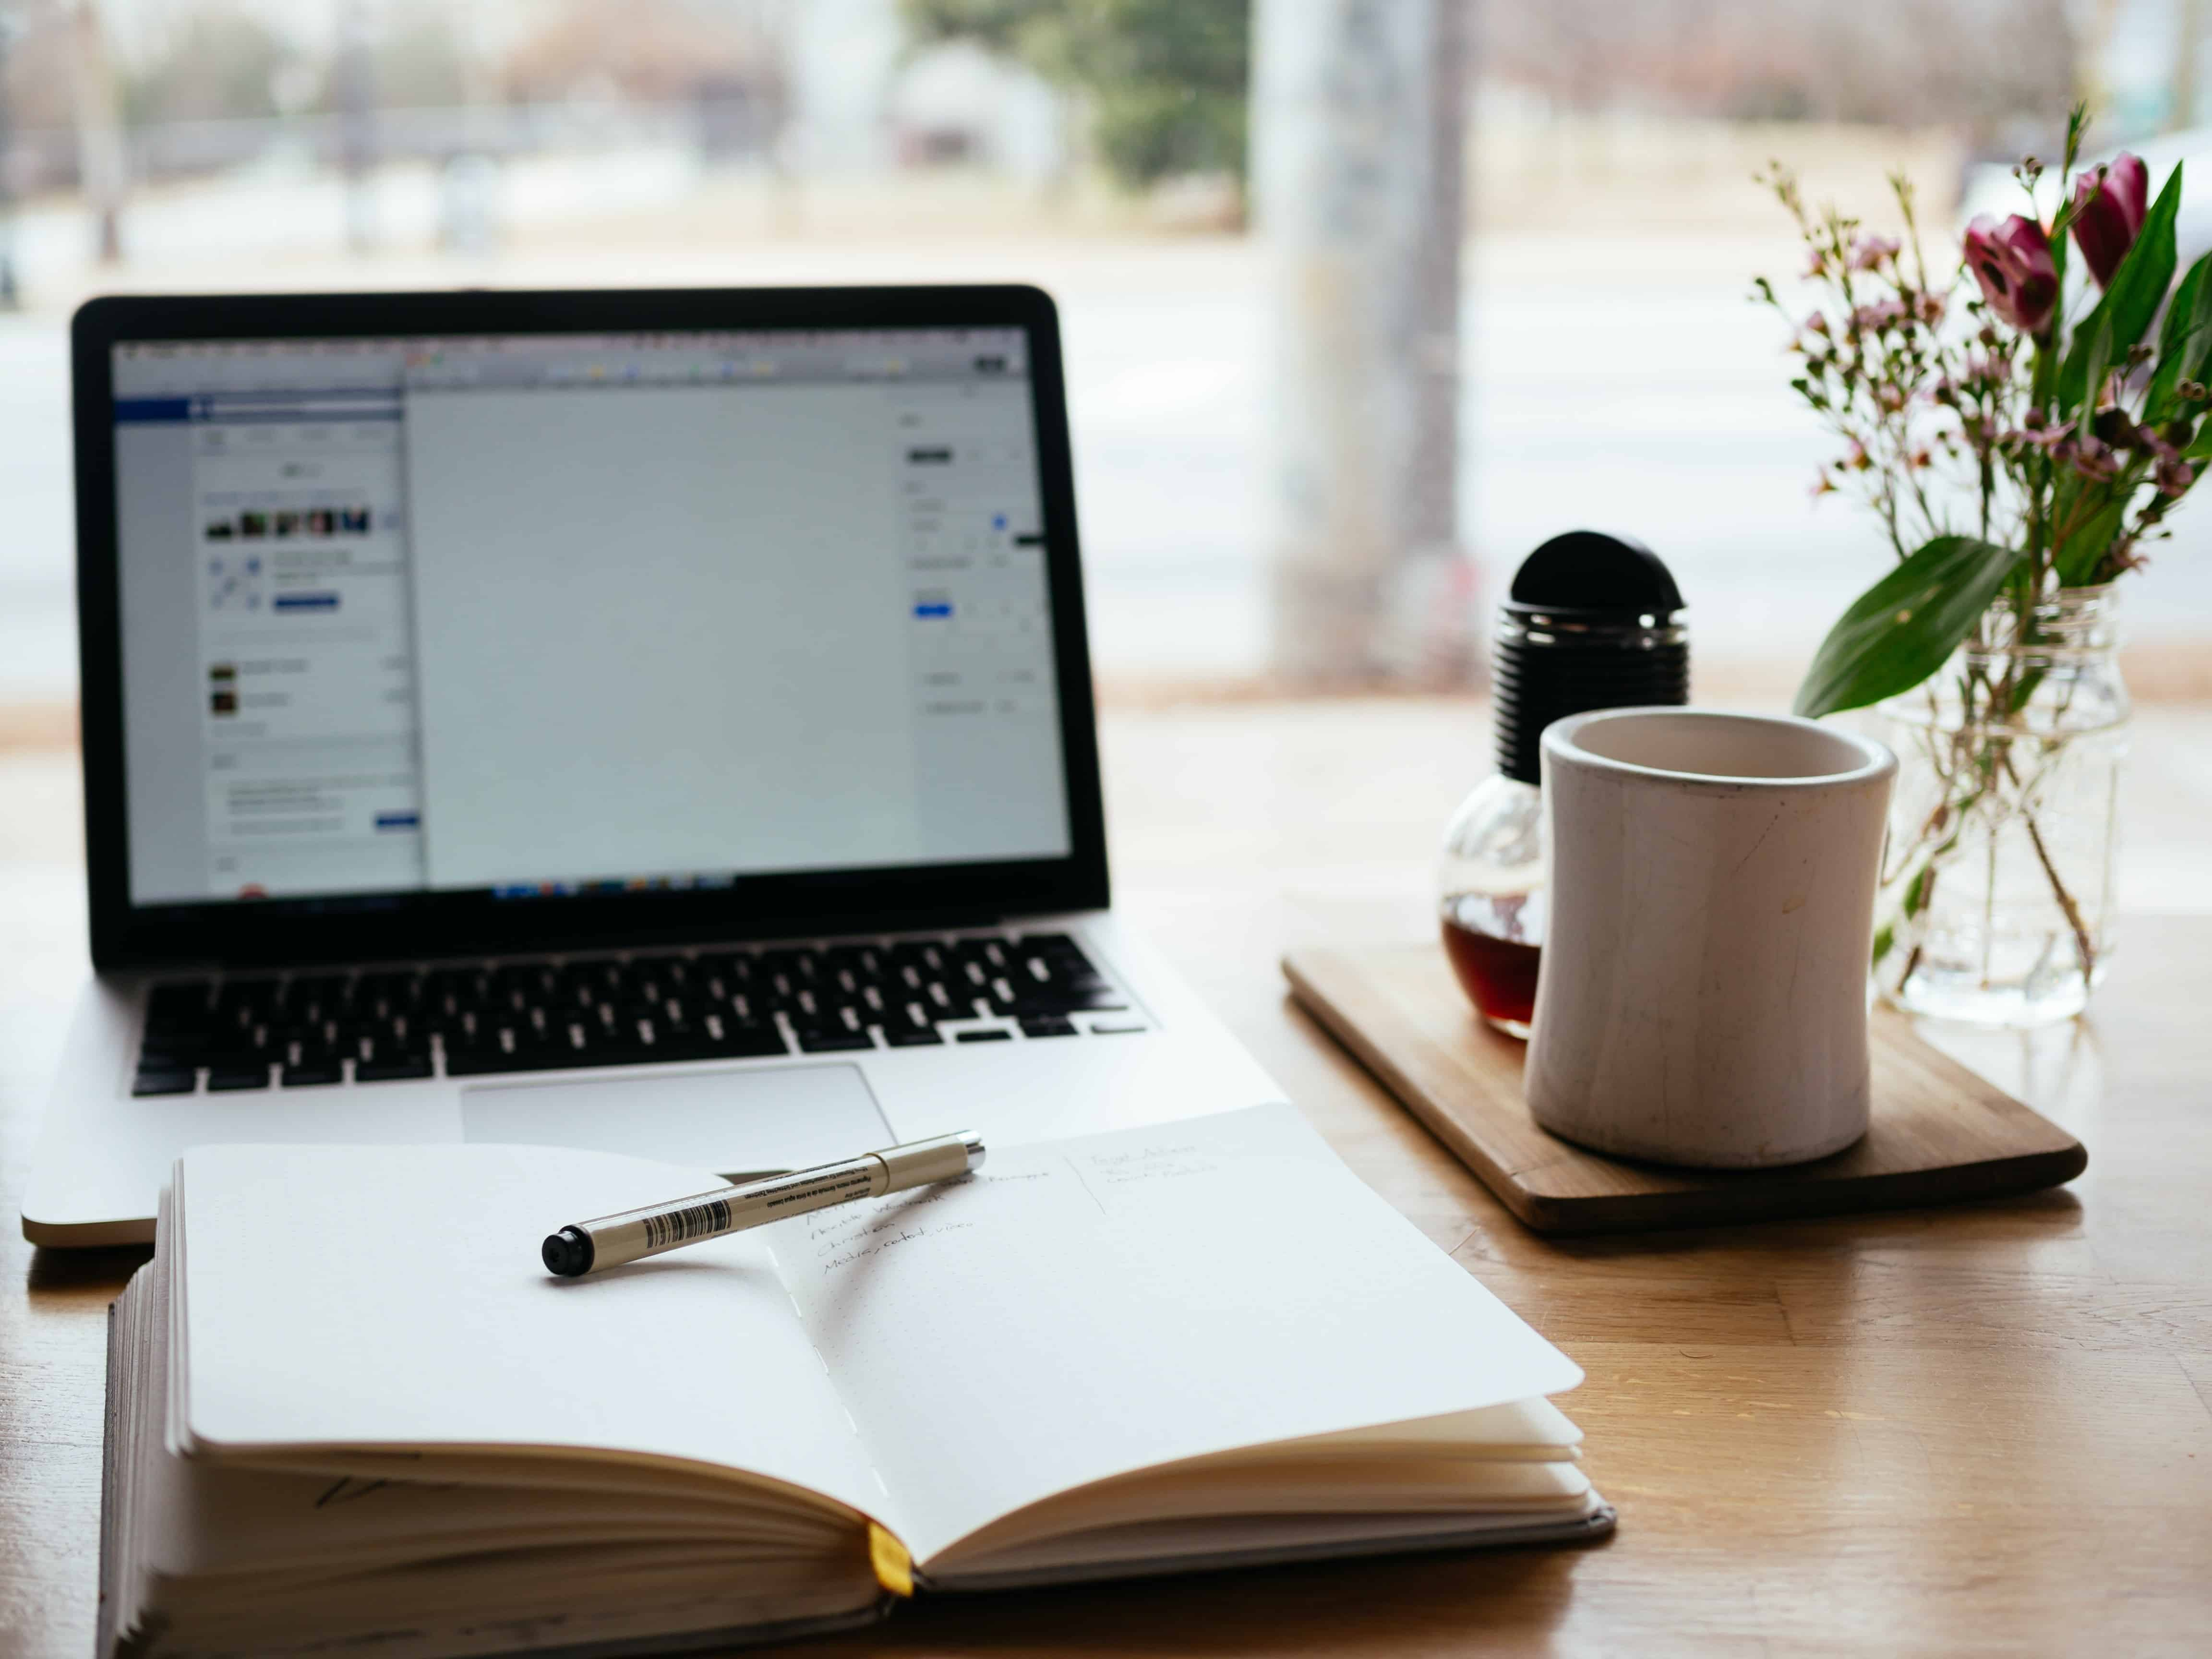 Laptop, Buch, Stift, Tee und Blumen